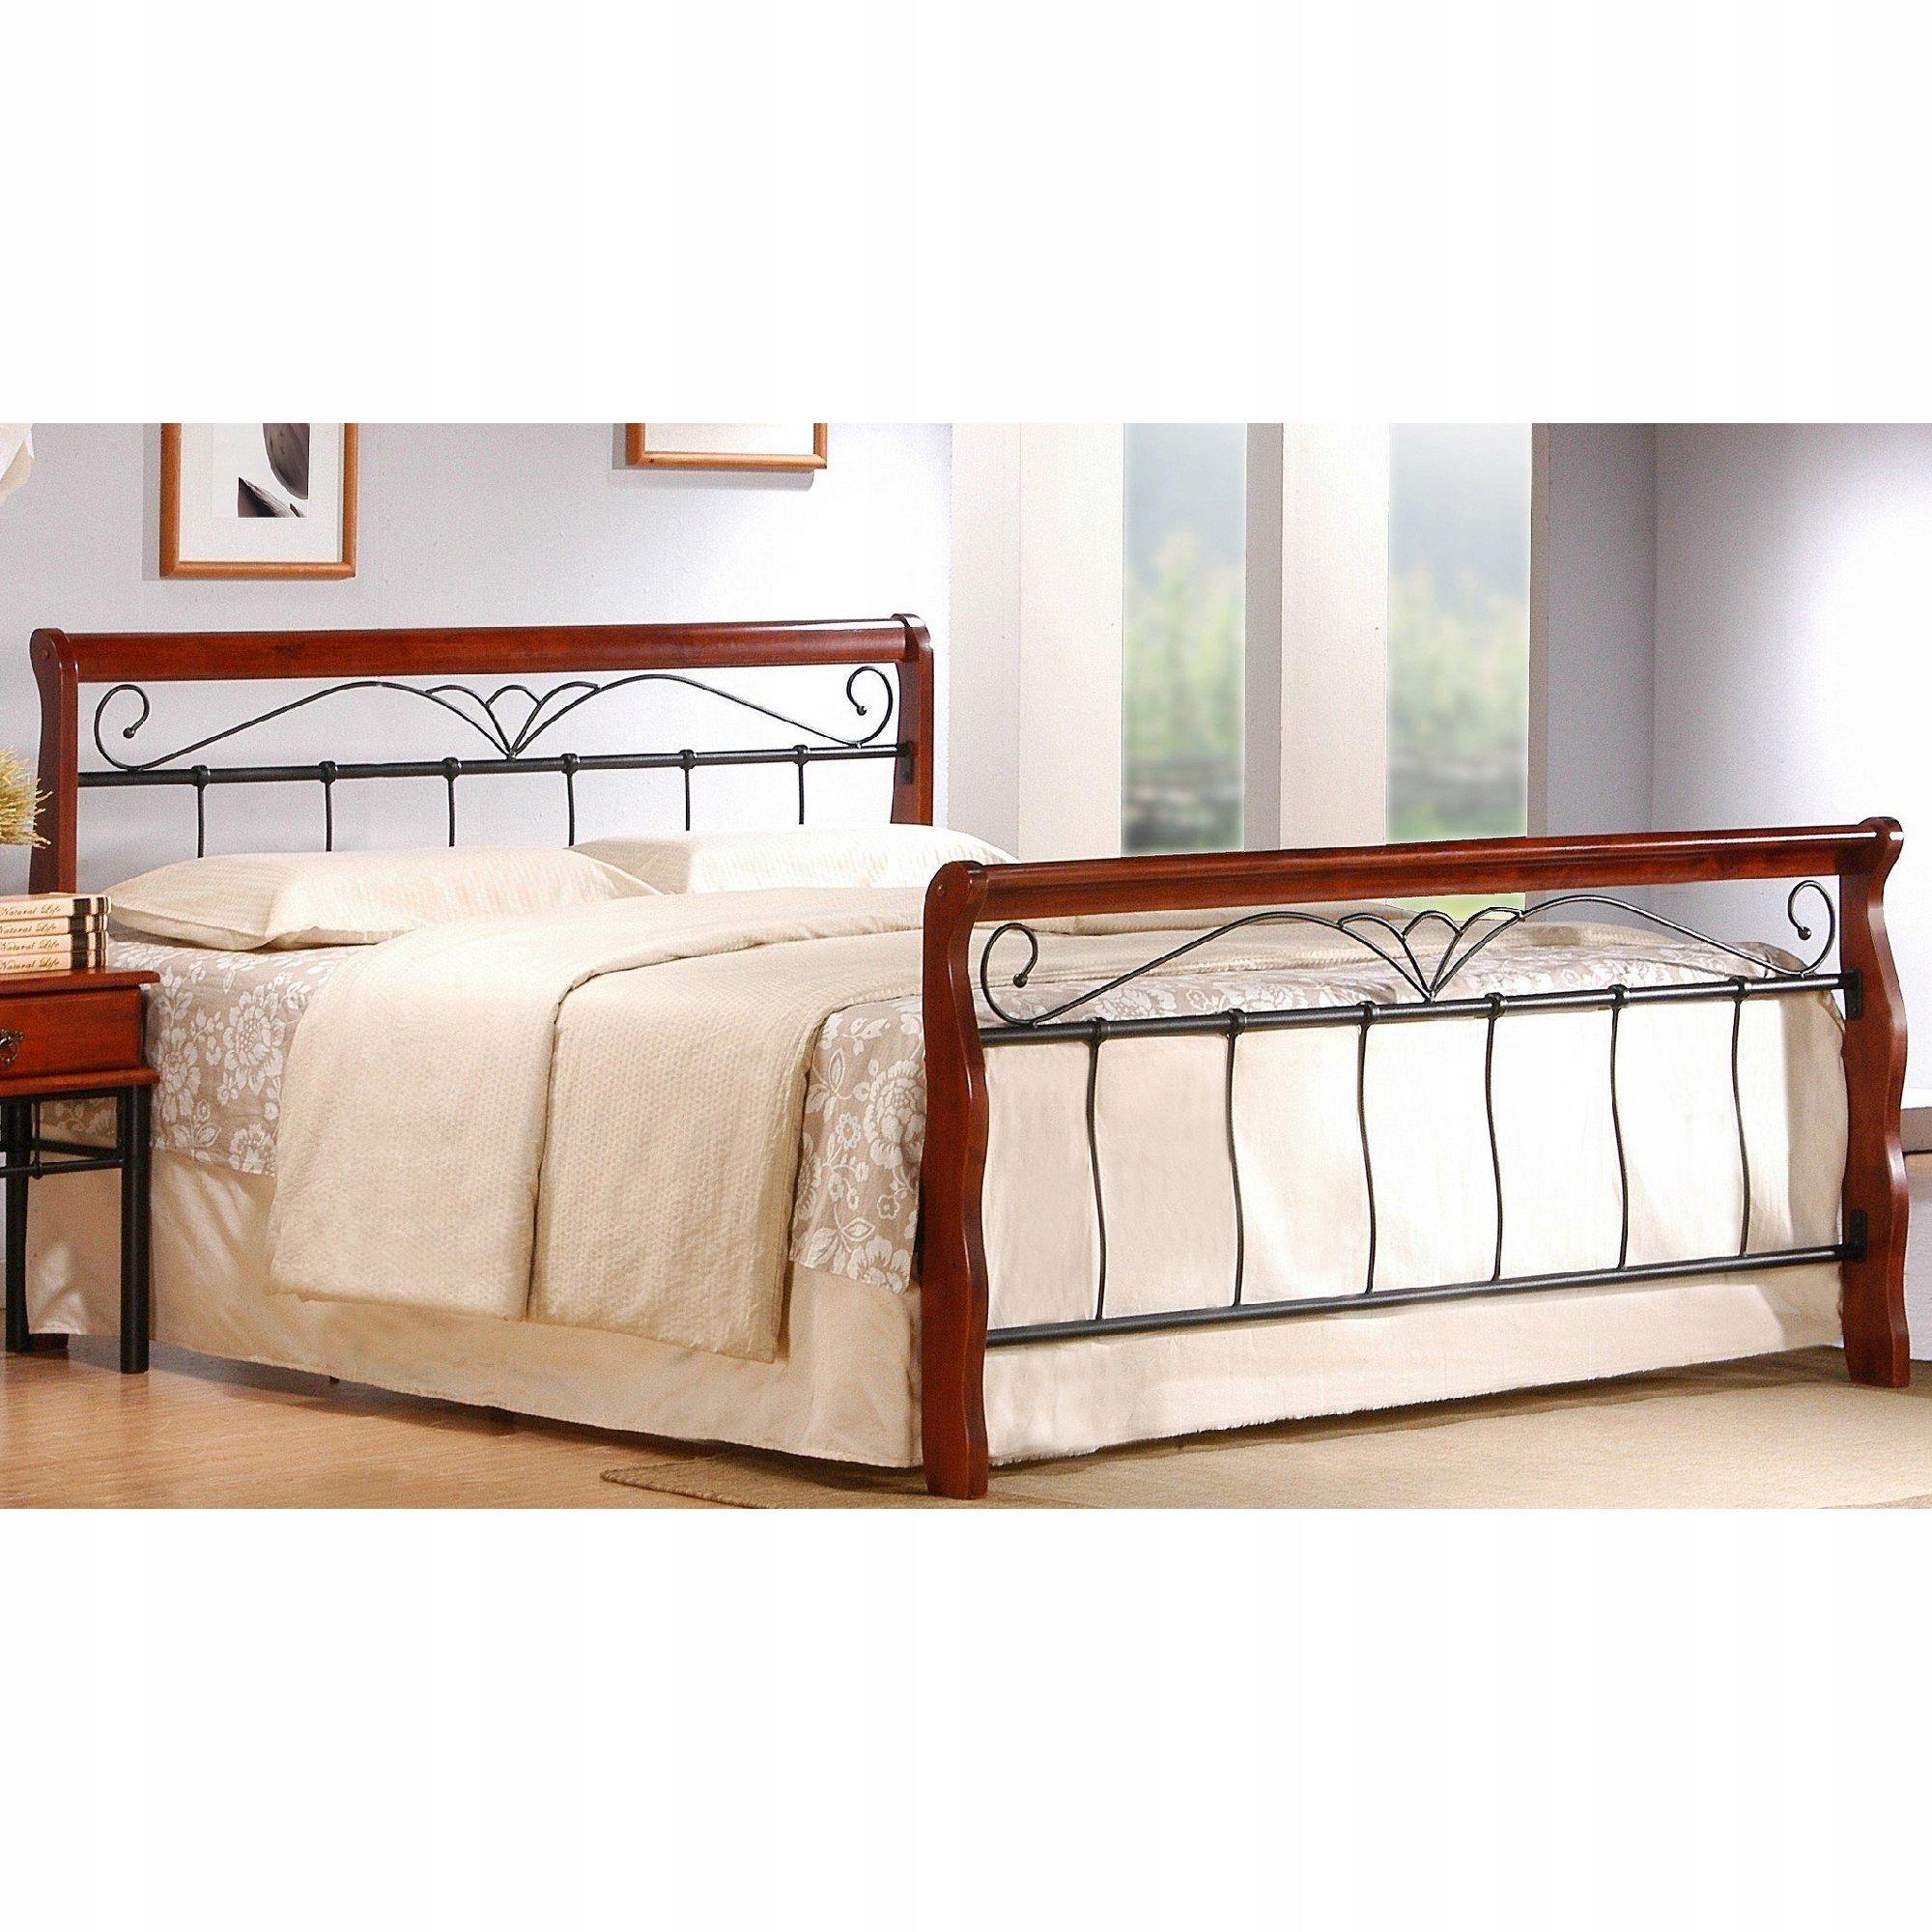 Retro posteľ 160 x 200 VERONICA Drevo / Kov